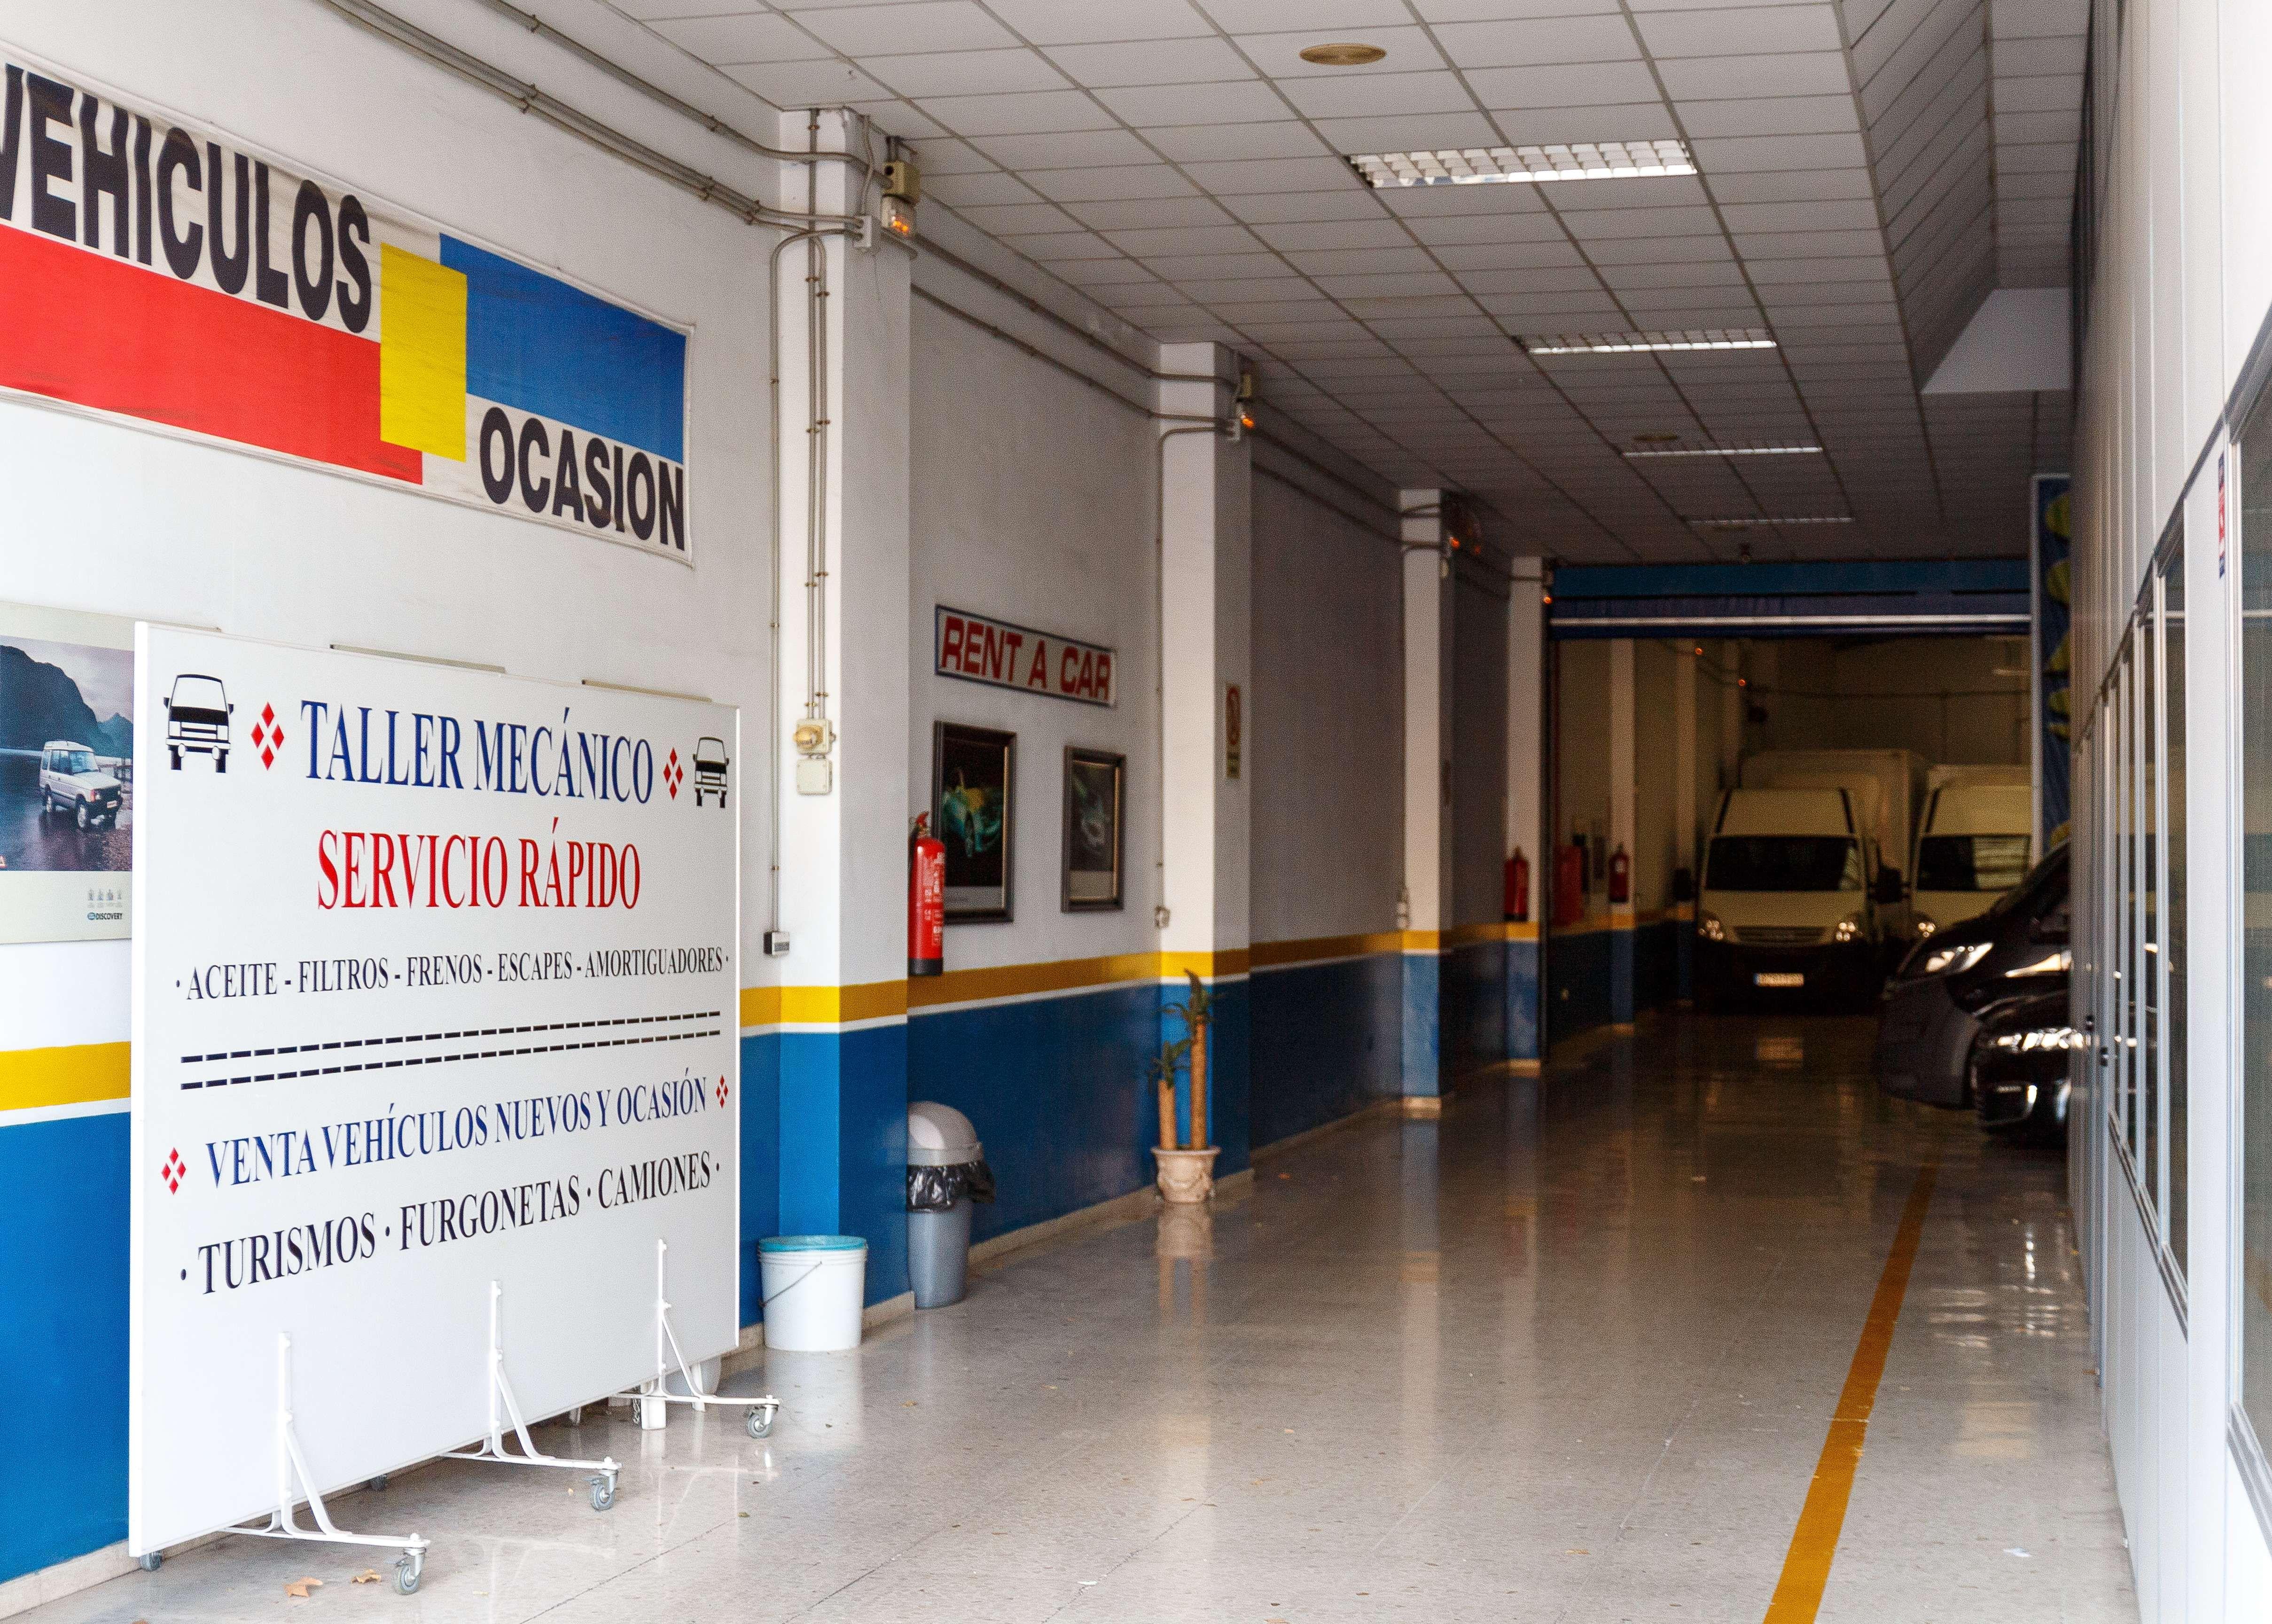 Venta de vehículos en Valencia